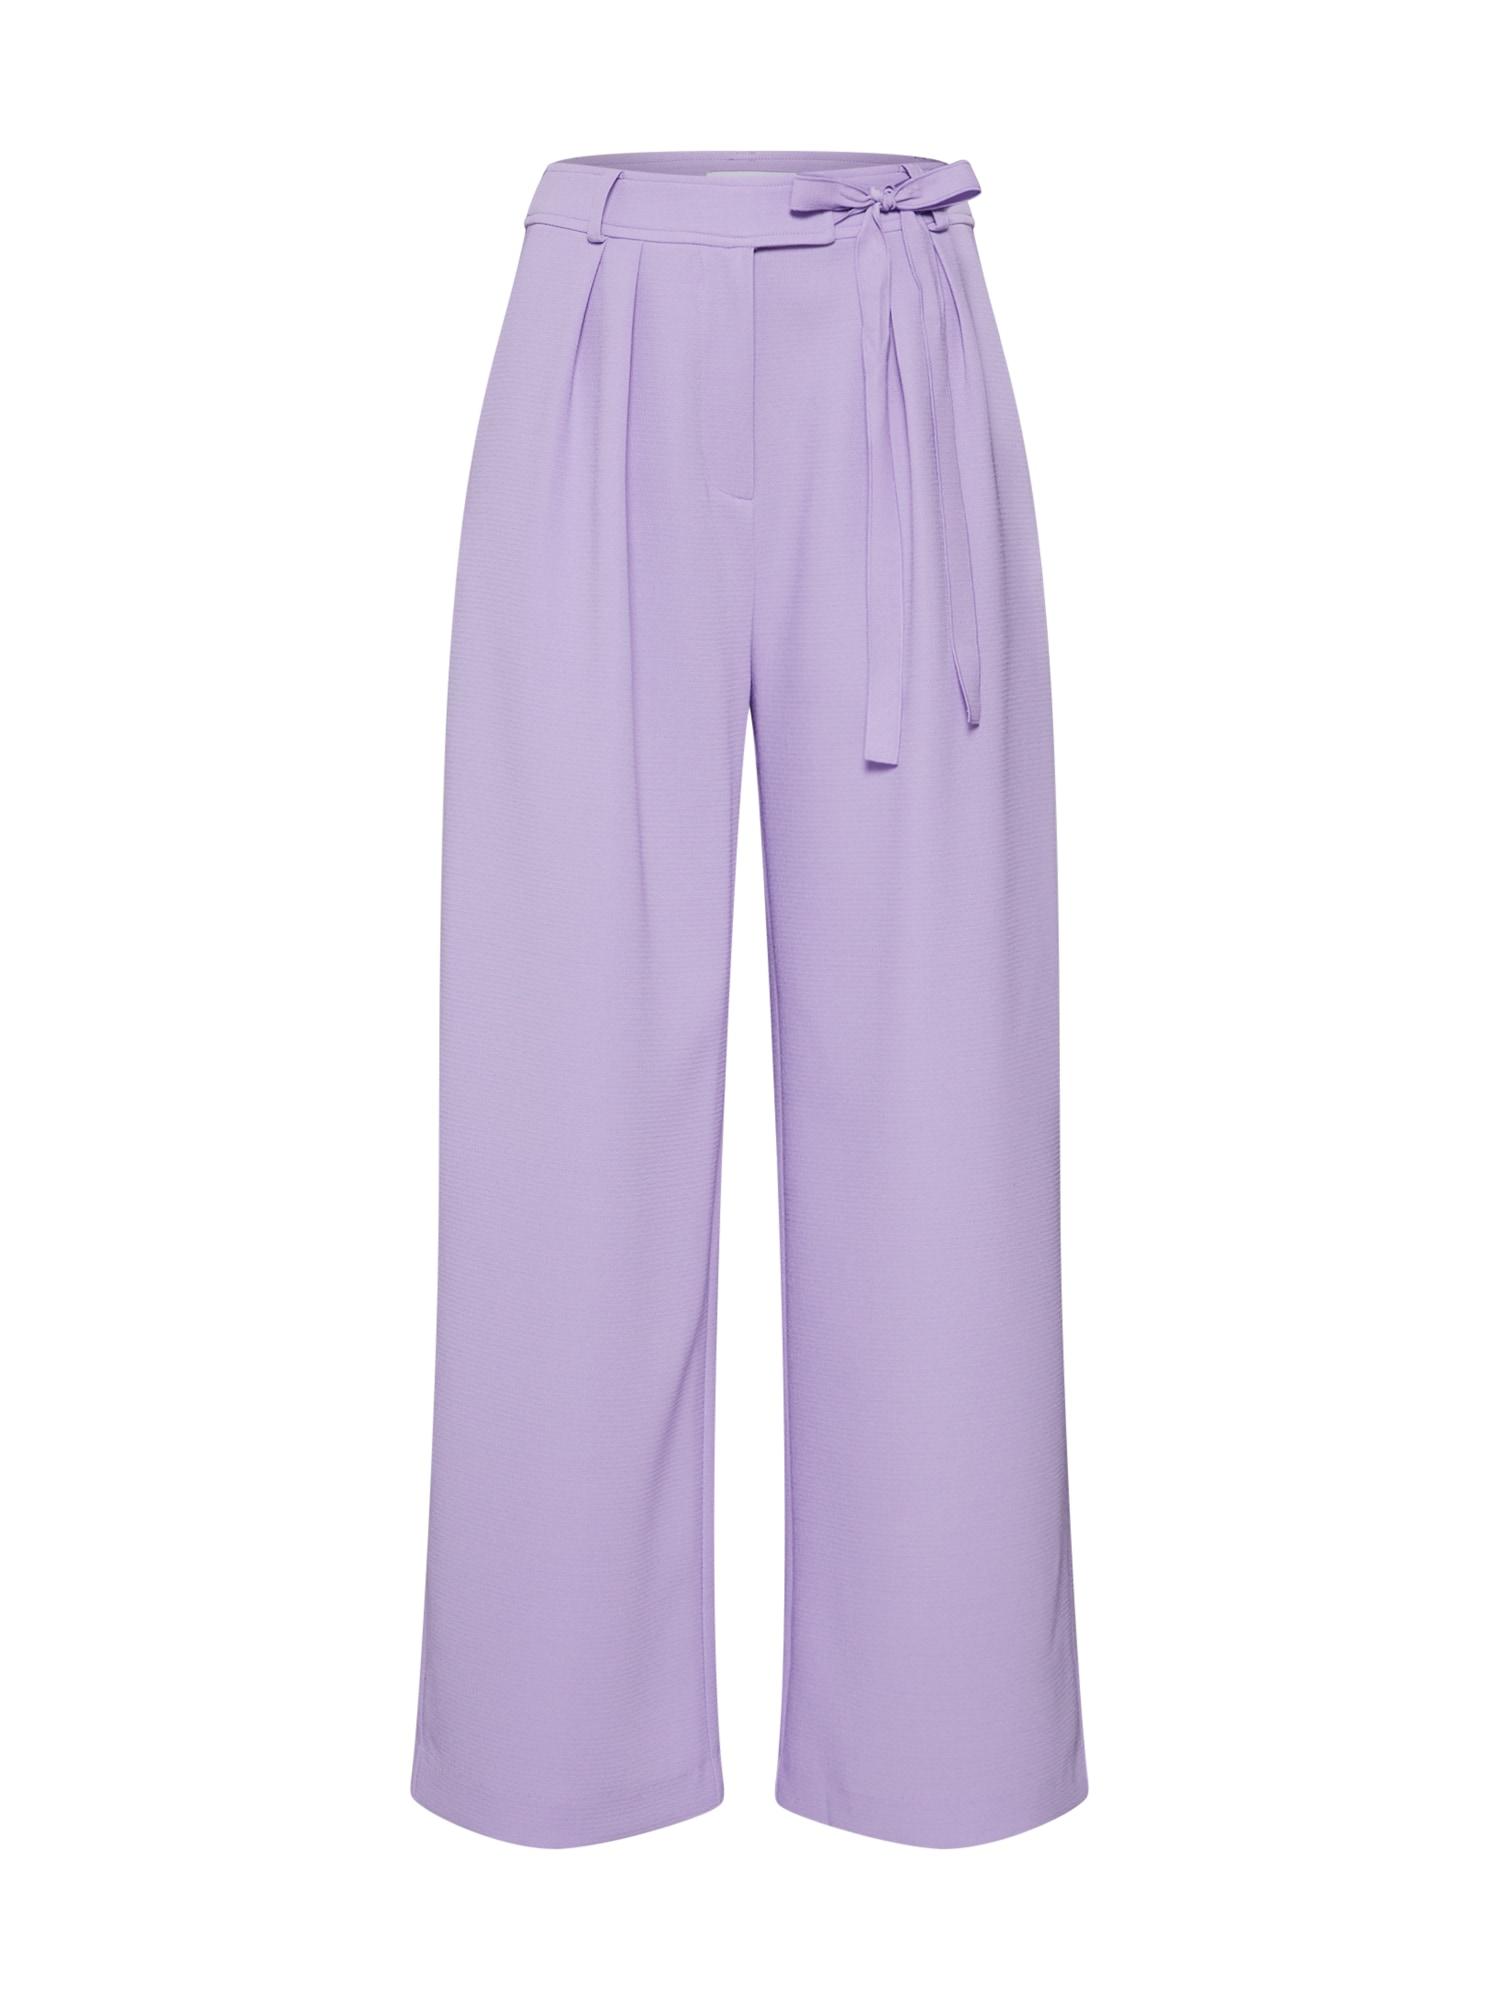 Kalhoty se sklady v pase Magritt 10456 bledě fialová Samsoe & Samsoe